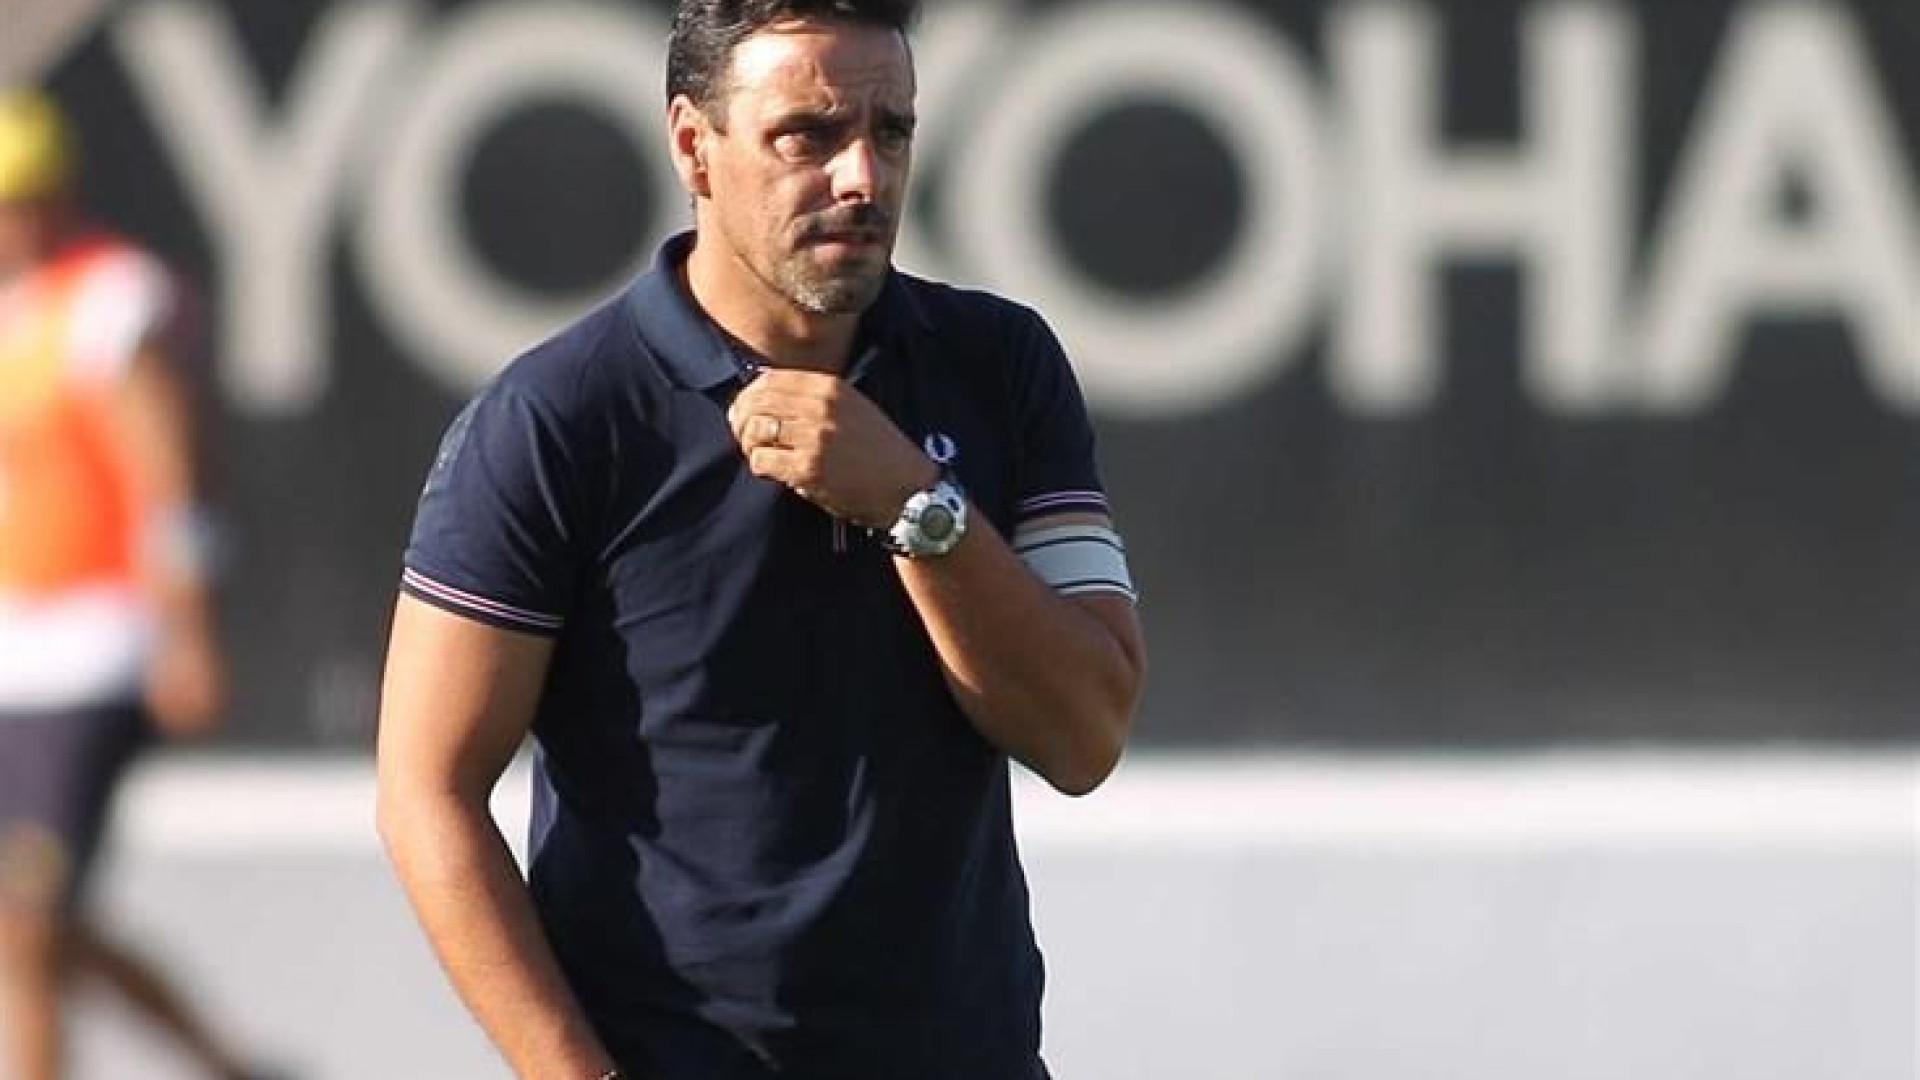 Técnico do Vildemoinhos já 'elegeu' o adversário ideal na quarta ronda